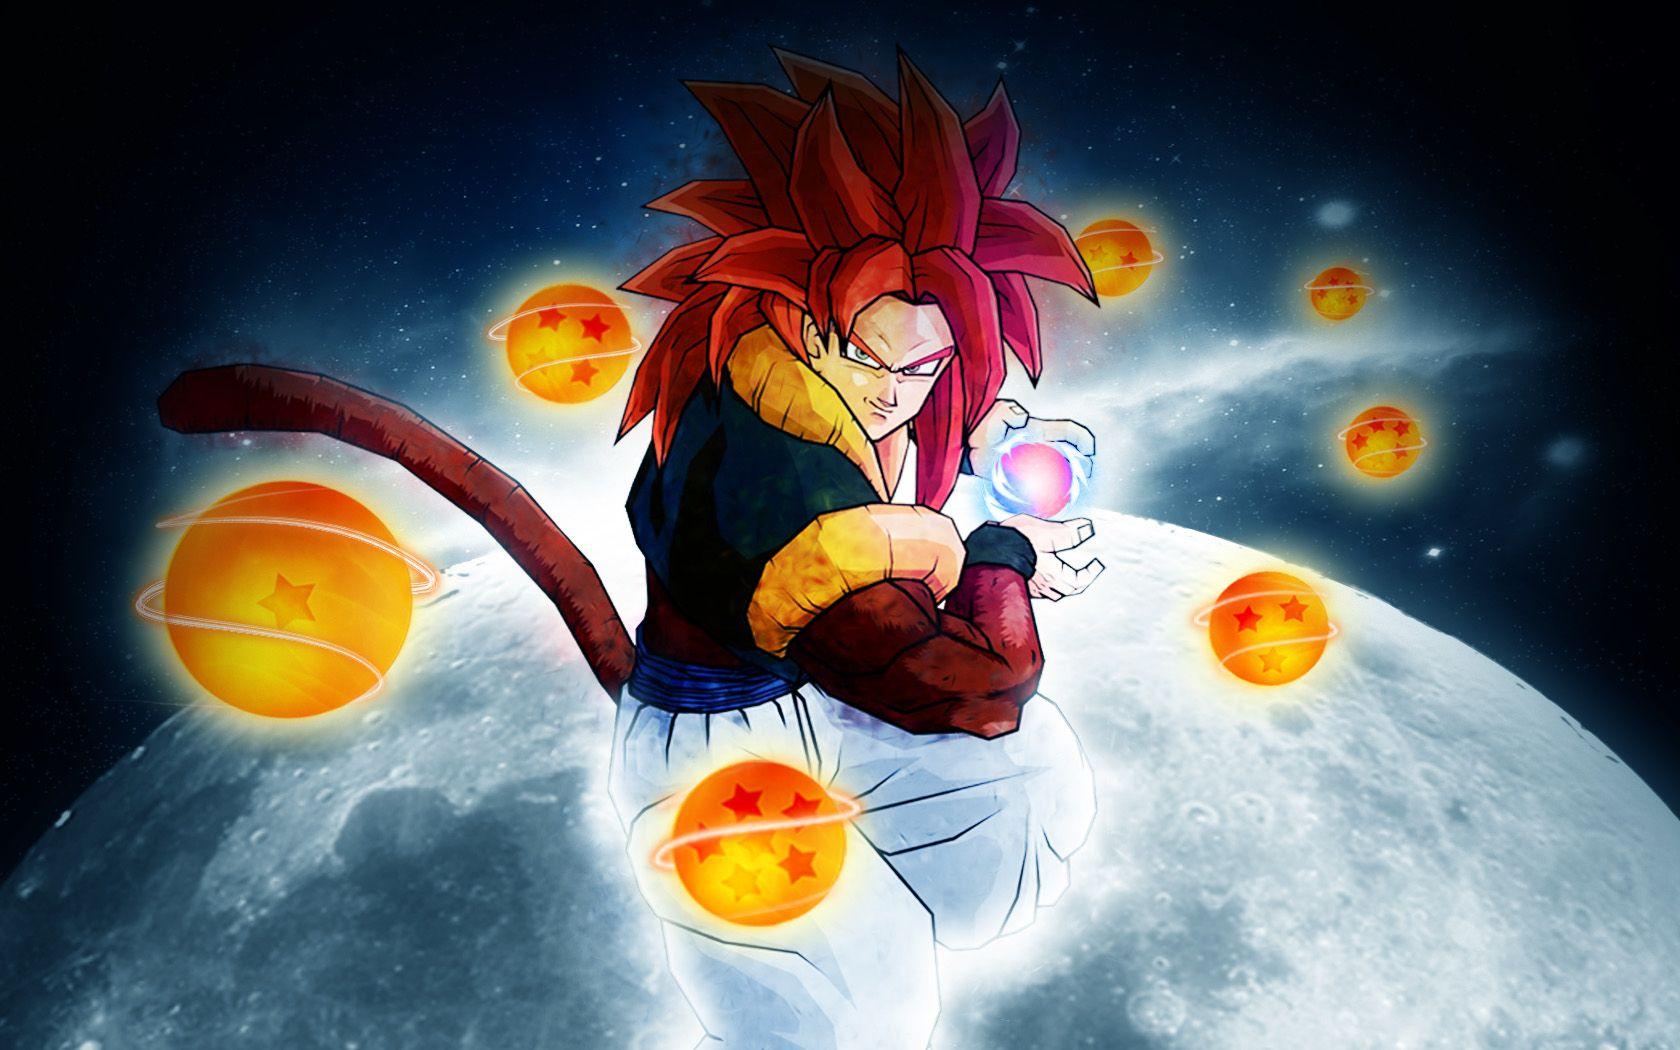 Dragon Ball Z Gogeta Super Saiyan 4 Hd Wallpaper Quizz Manga Balle